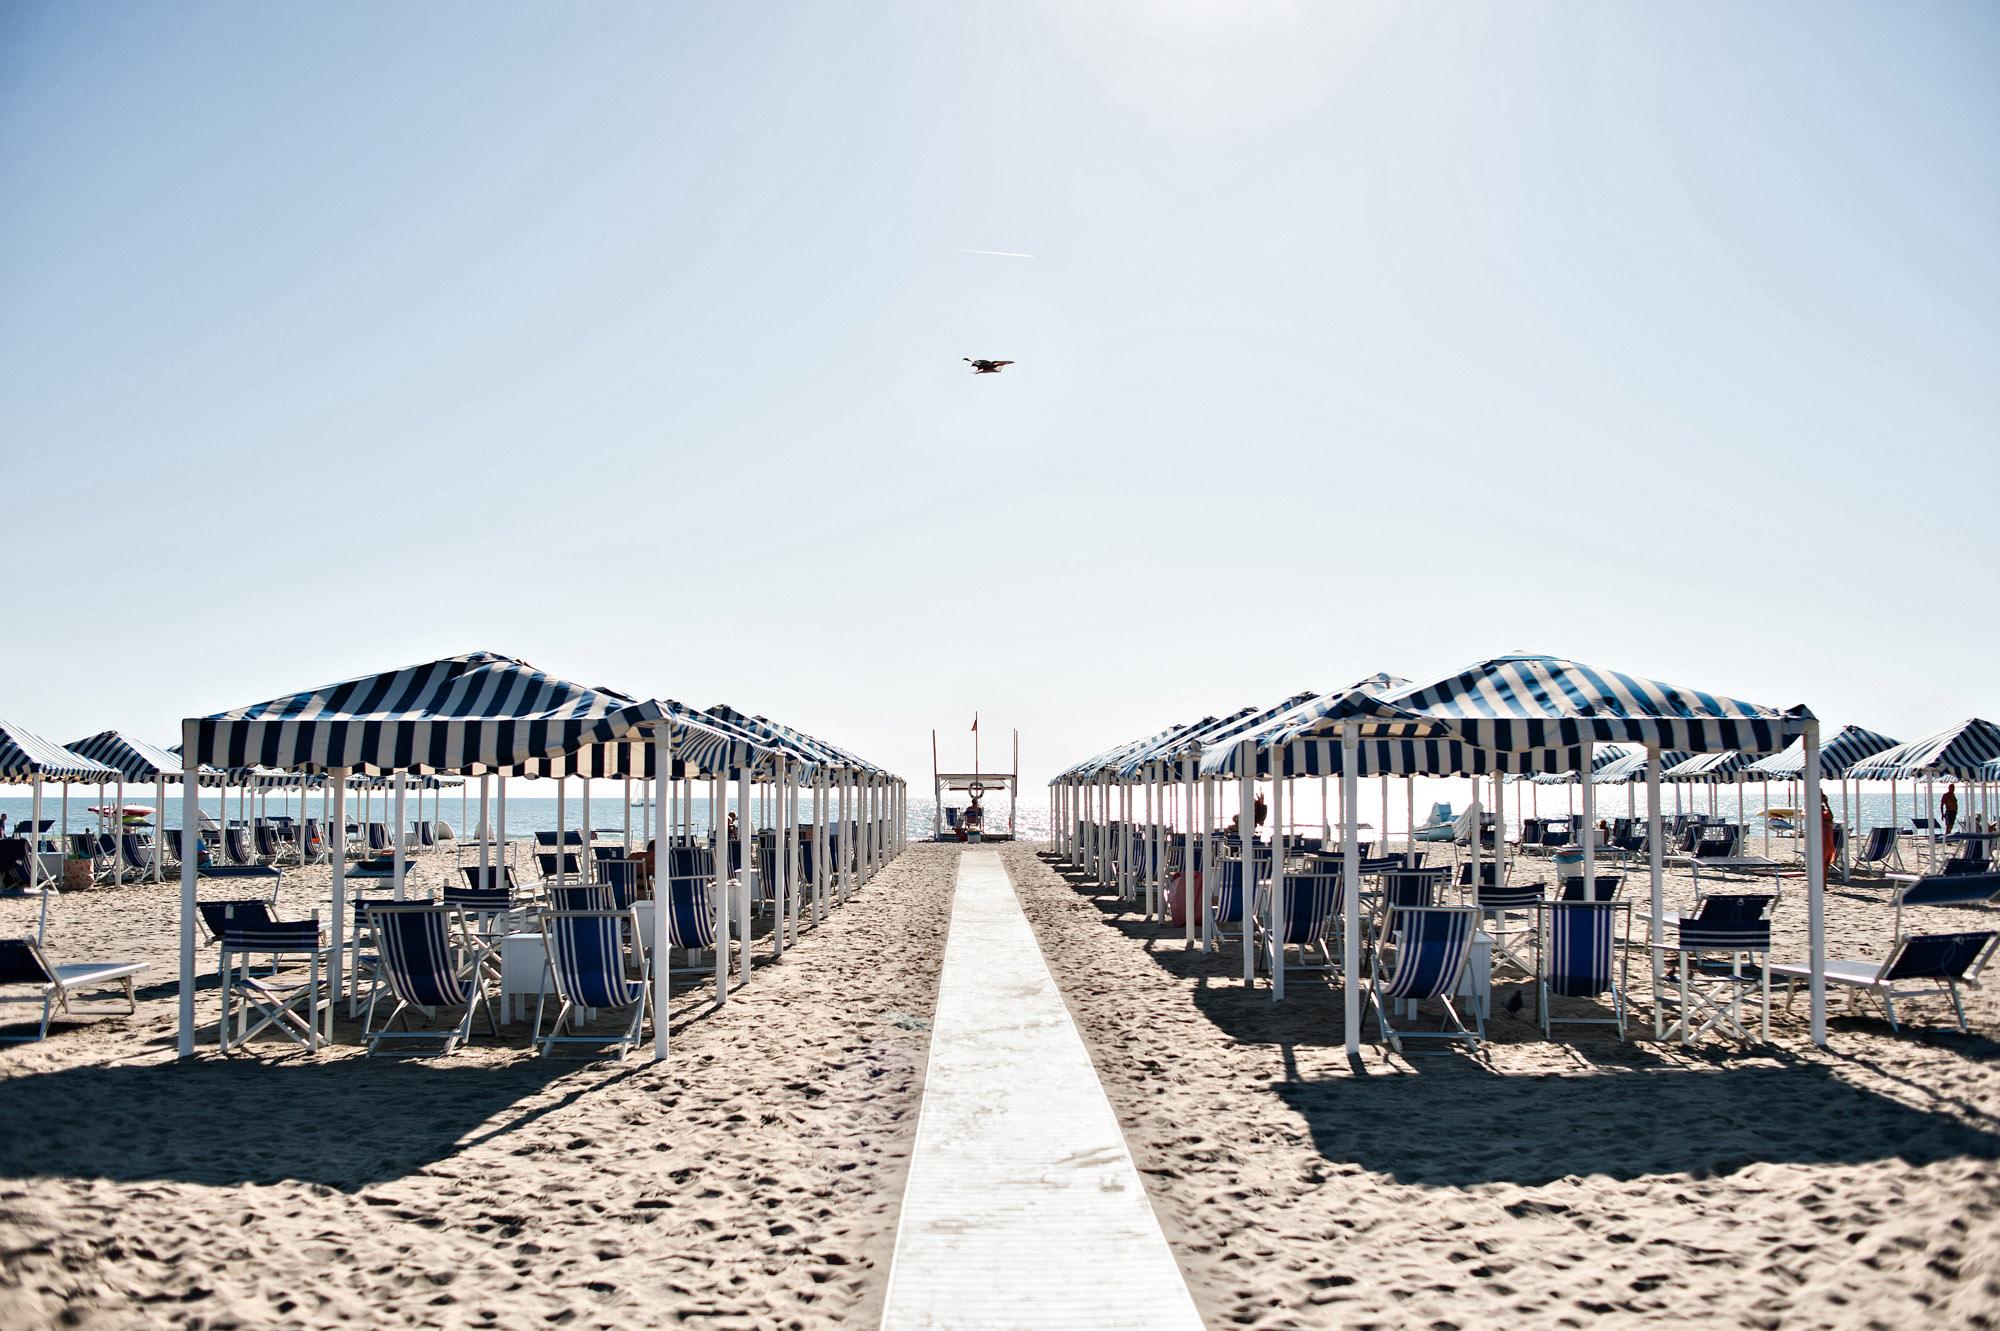 Services | Beach Club Pinocchio Viareggio – A seaside summer in ...